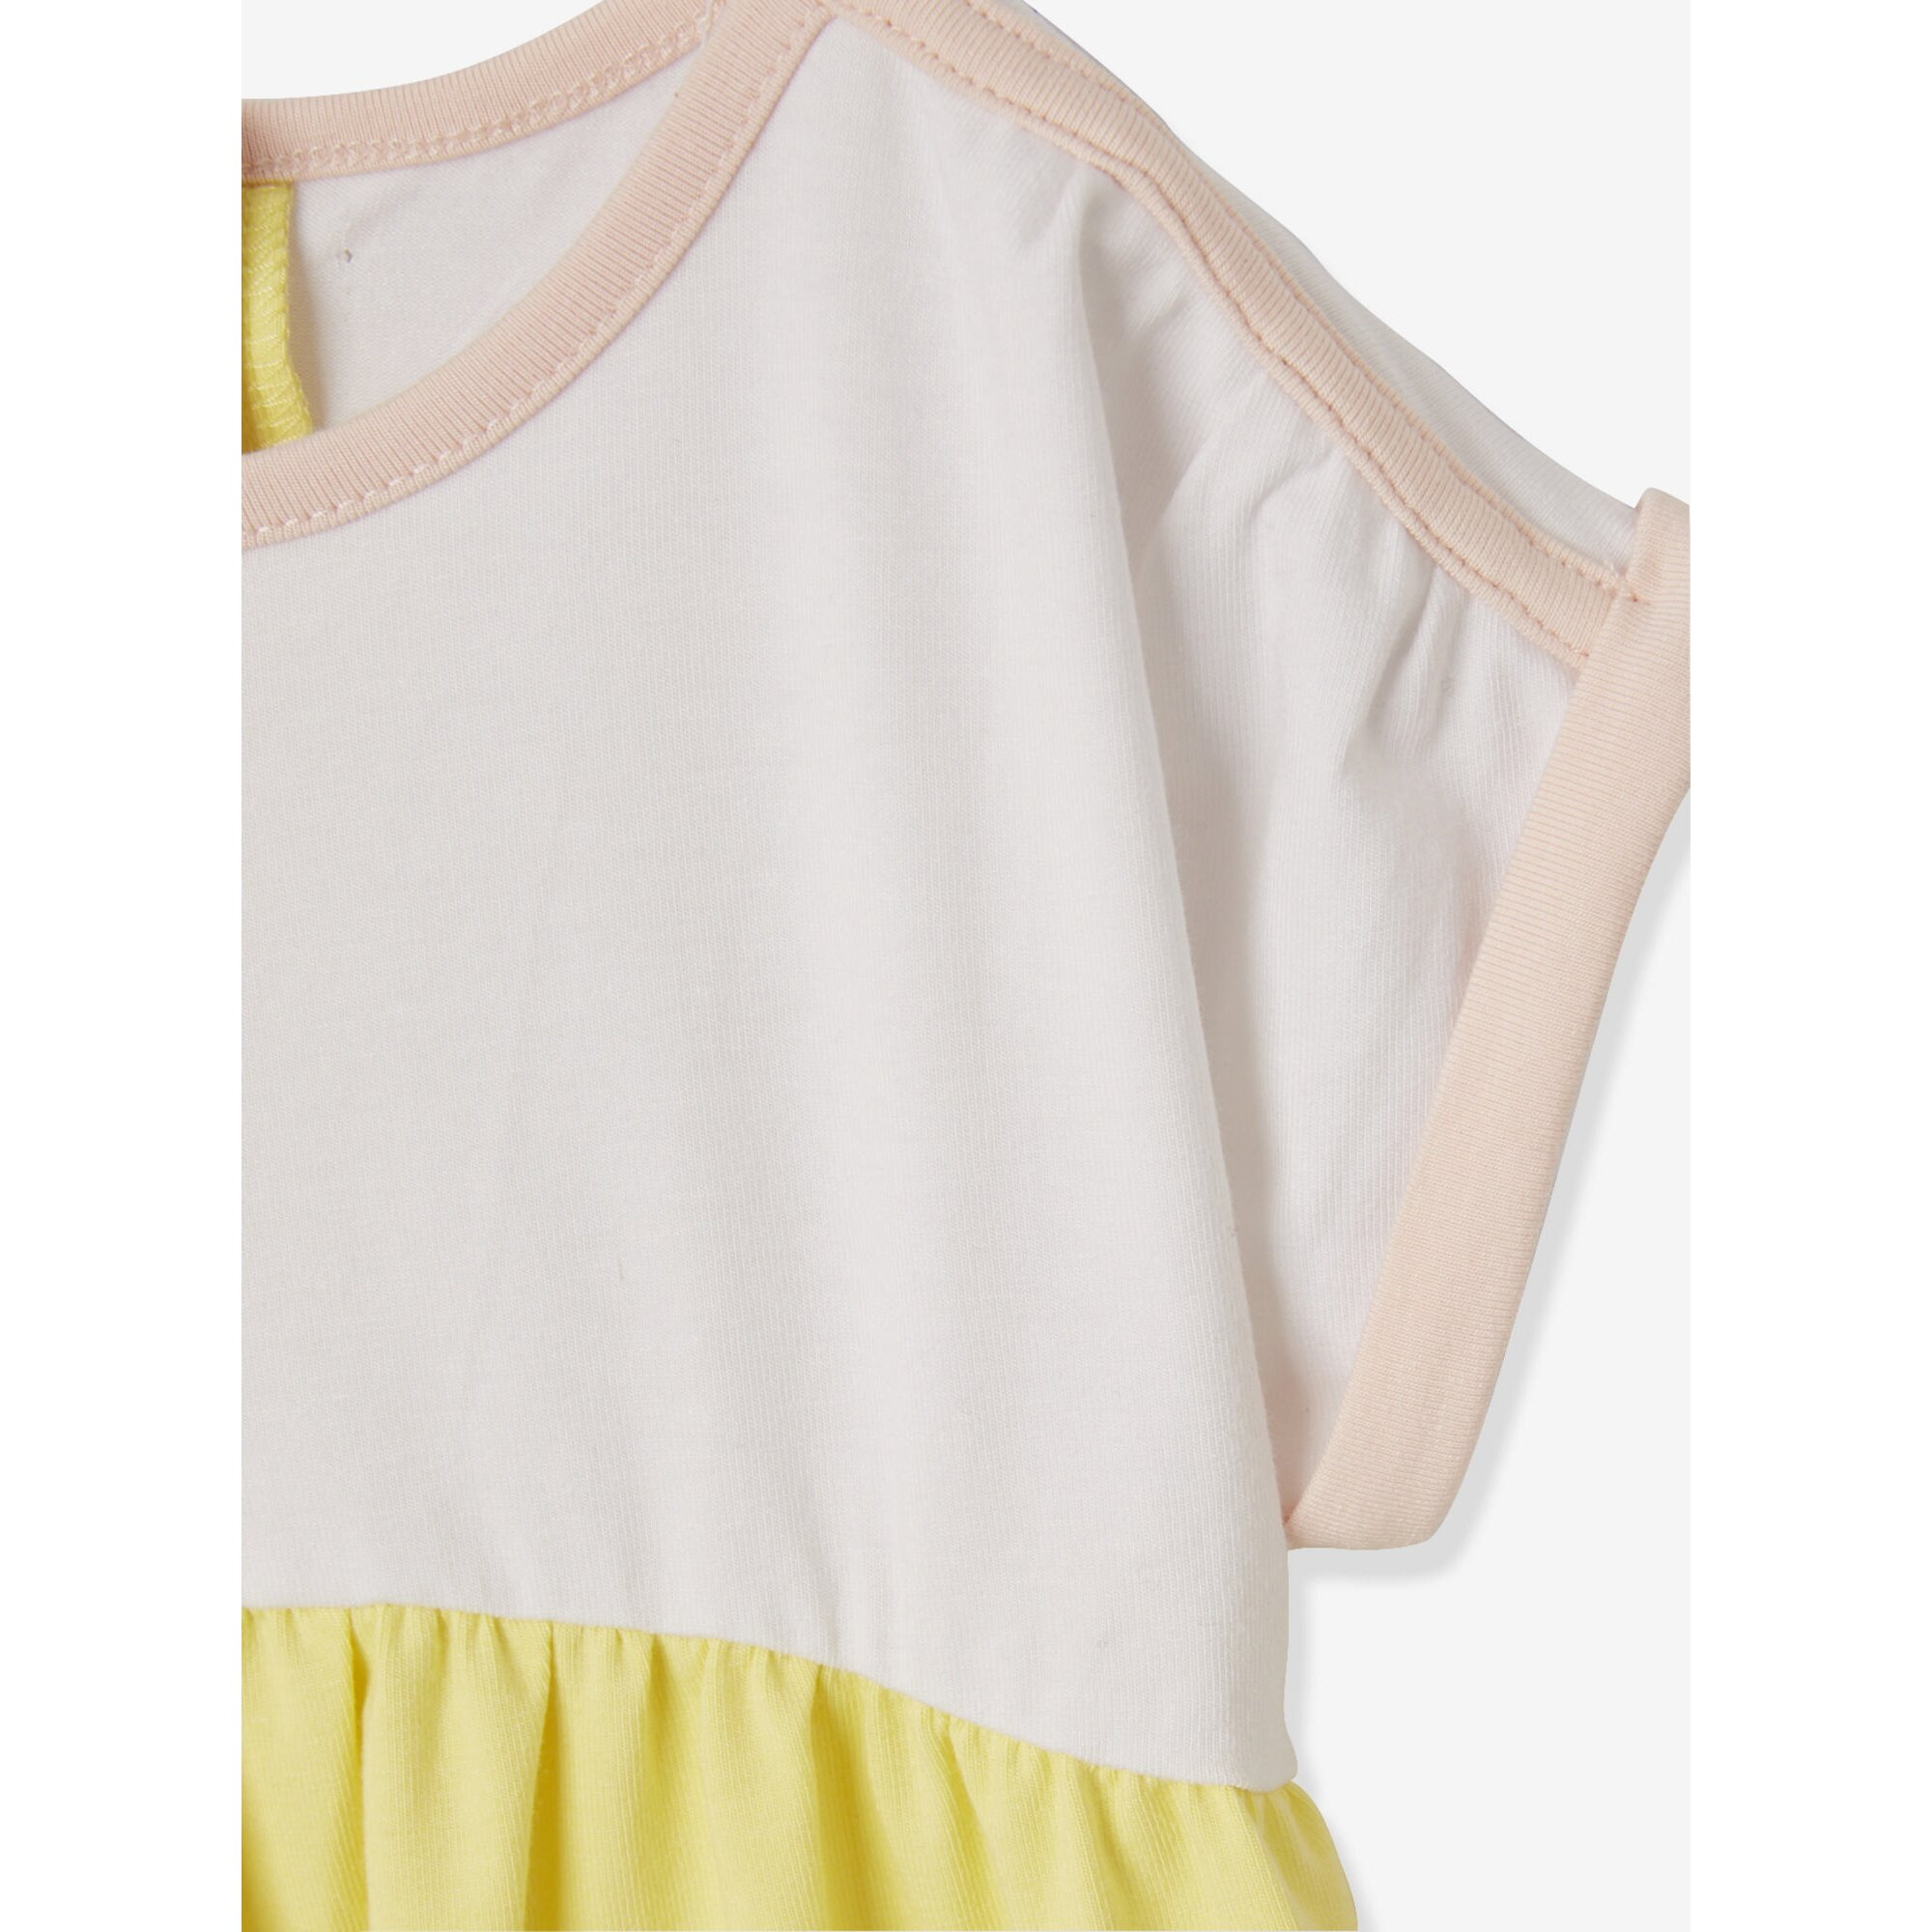 vertbaudet-babykleid-aus-jersey-zweifarbig